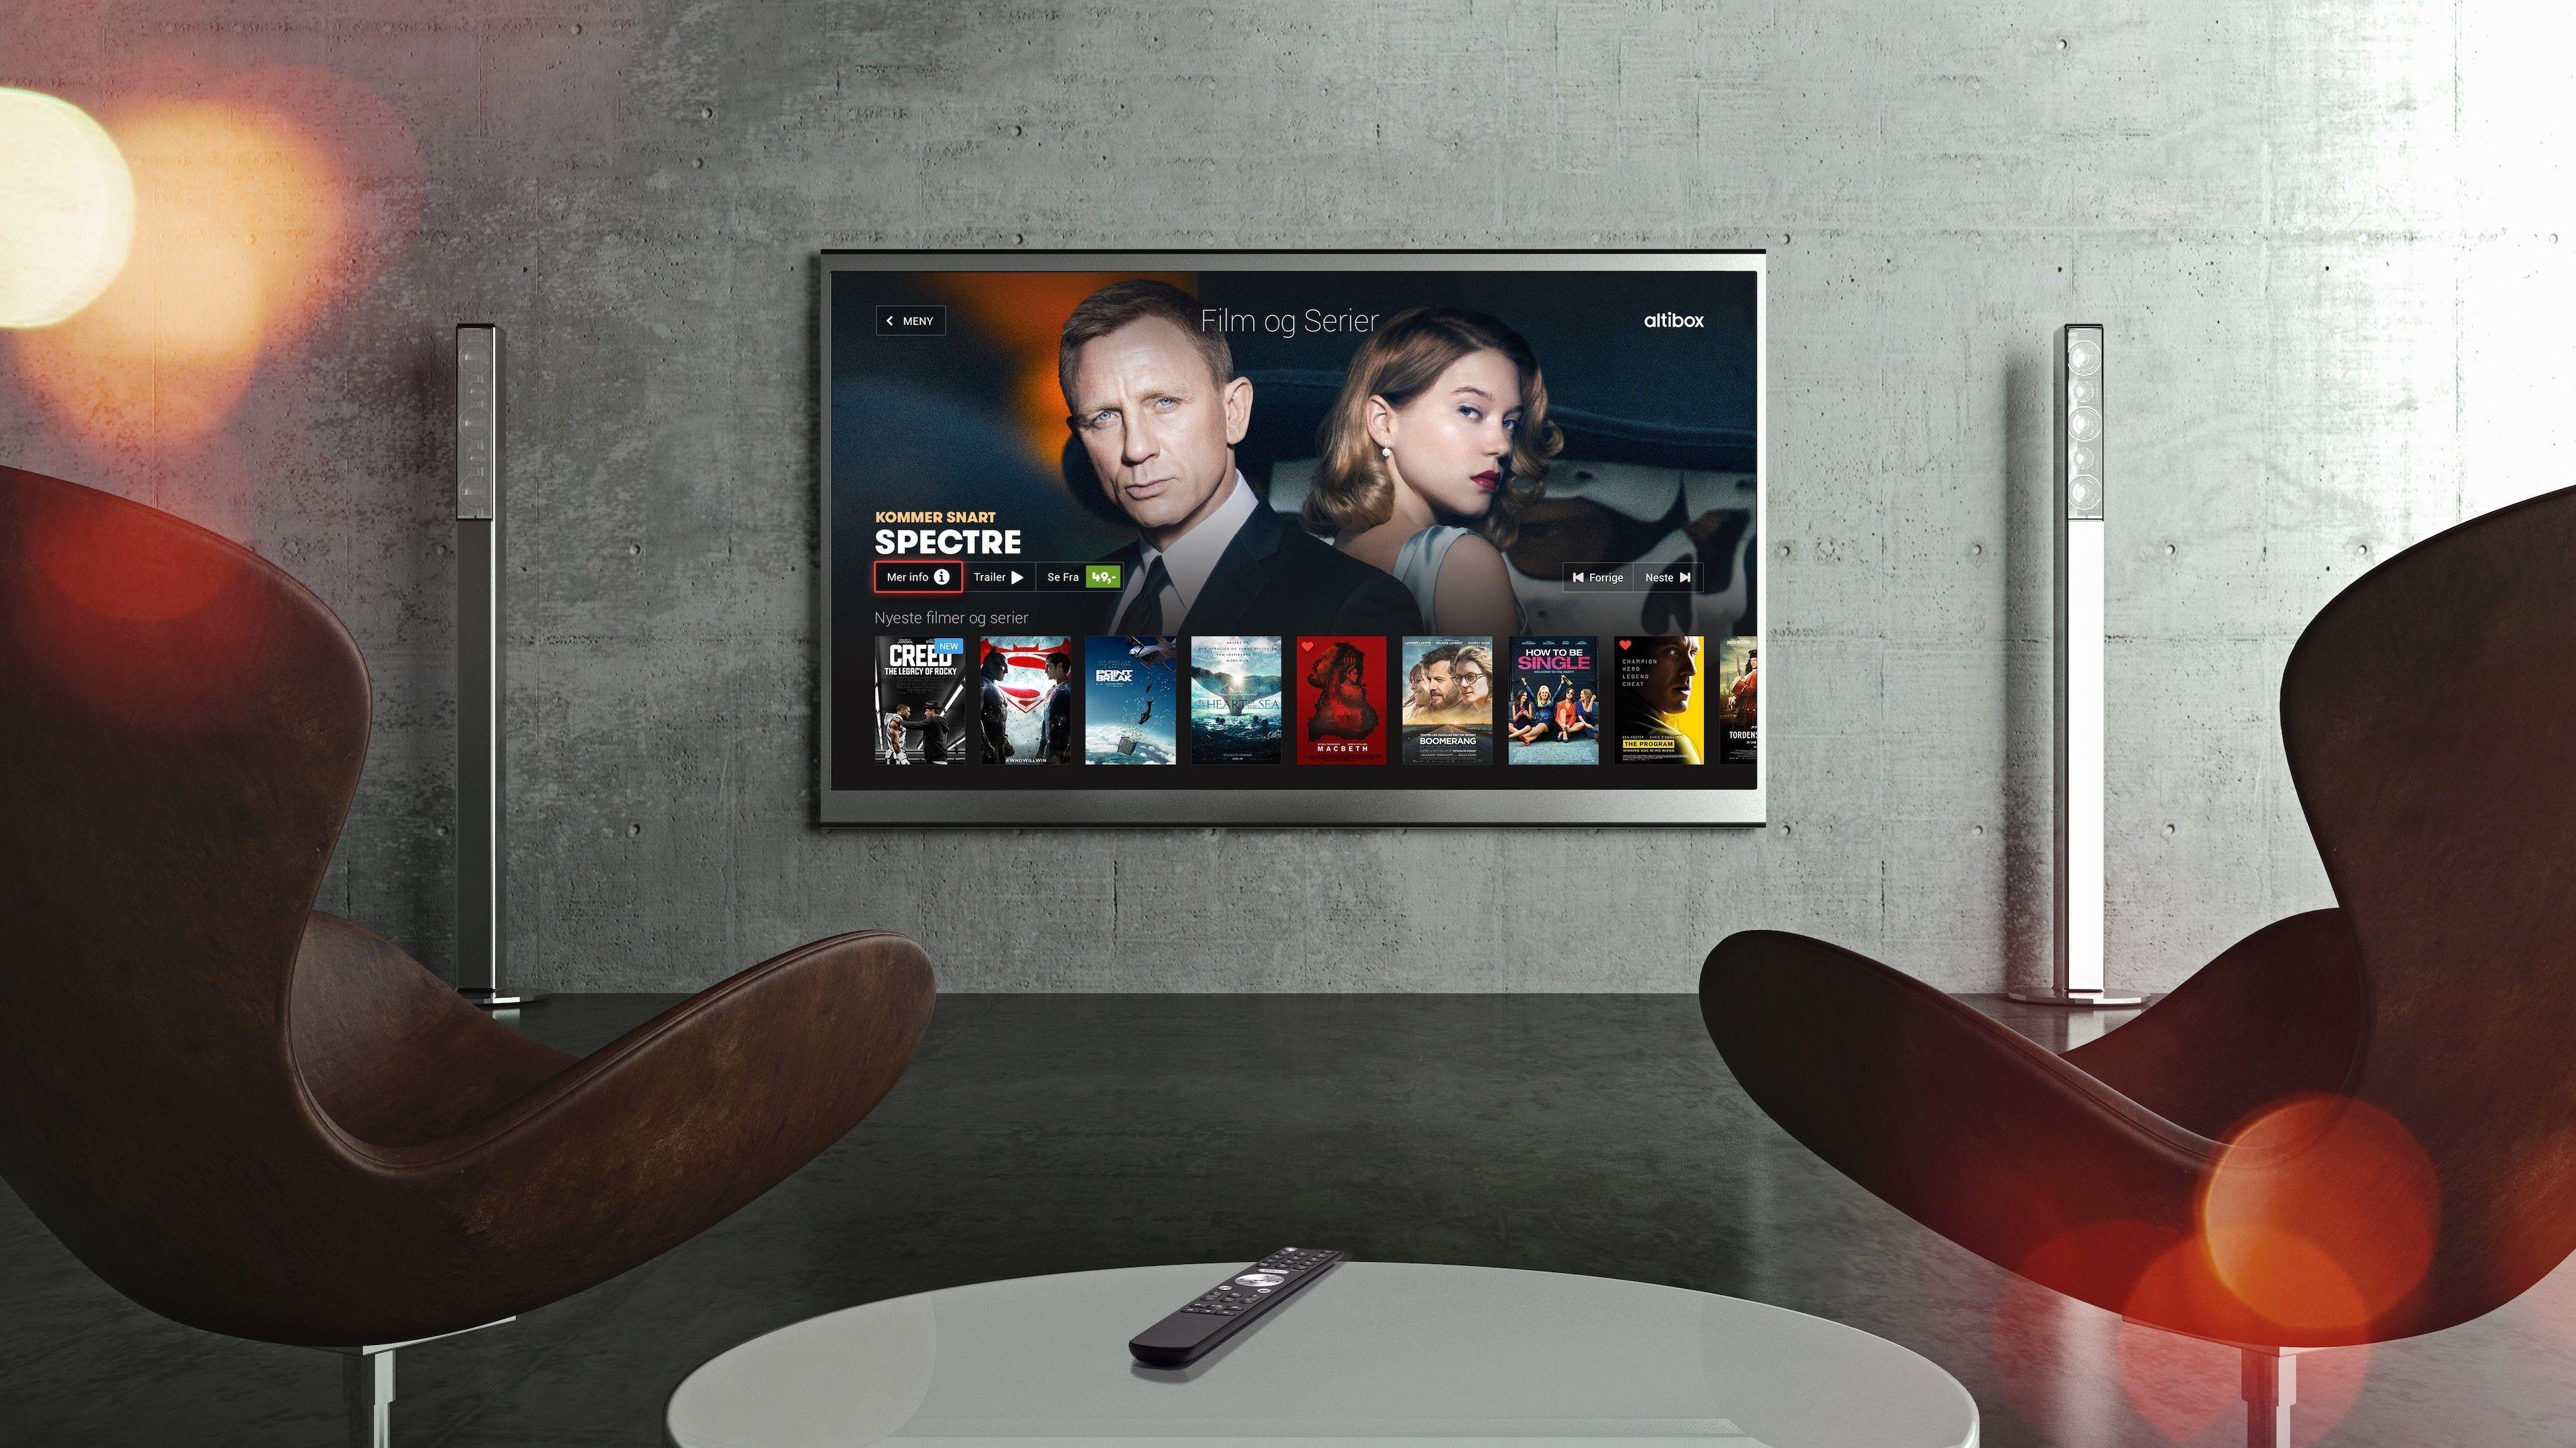 ALTIBOX: Brukerne av Altibox er de mest fornøyde TV-kundene i Norge. Altibox-løsningen gjør blant annet at du kan håndplukke dine favoritter og få inn over 80 kanaler samt strømmetjenester.